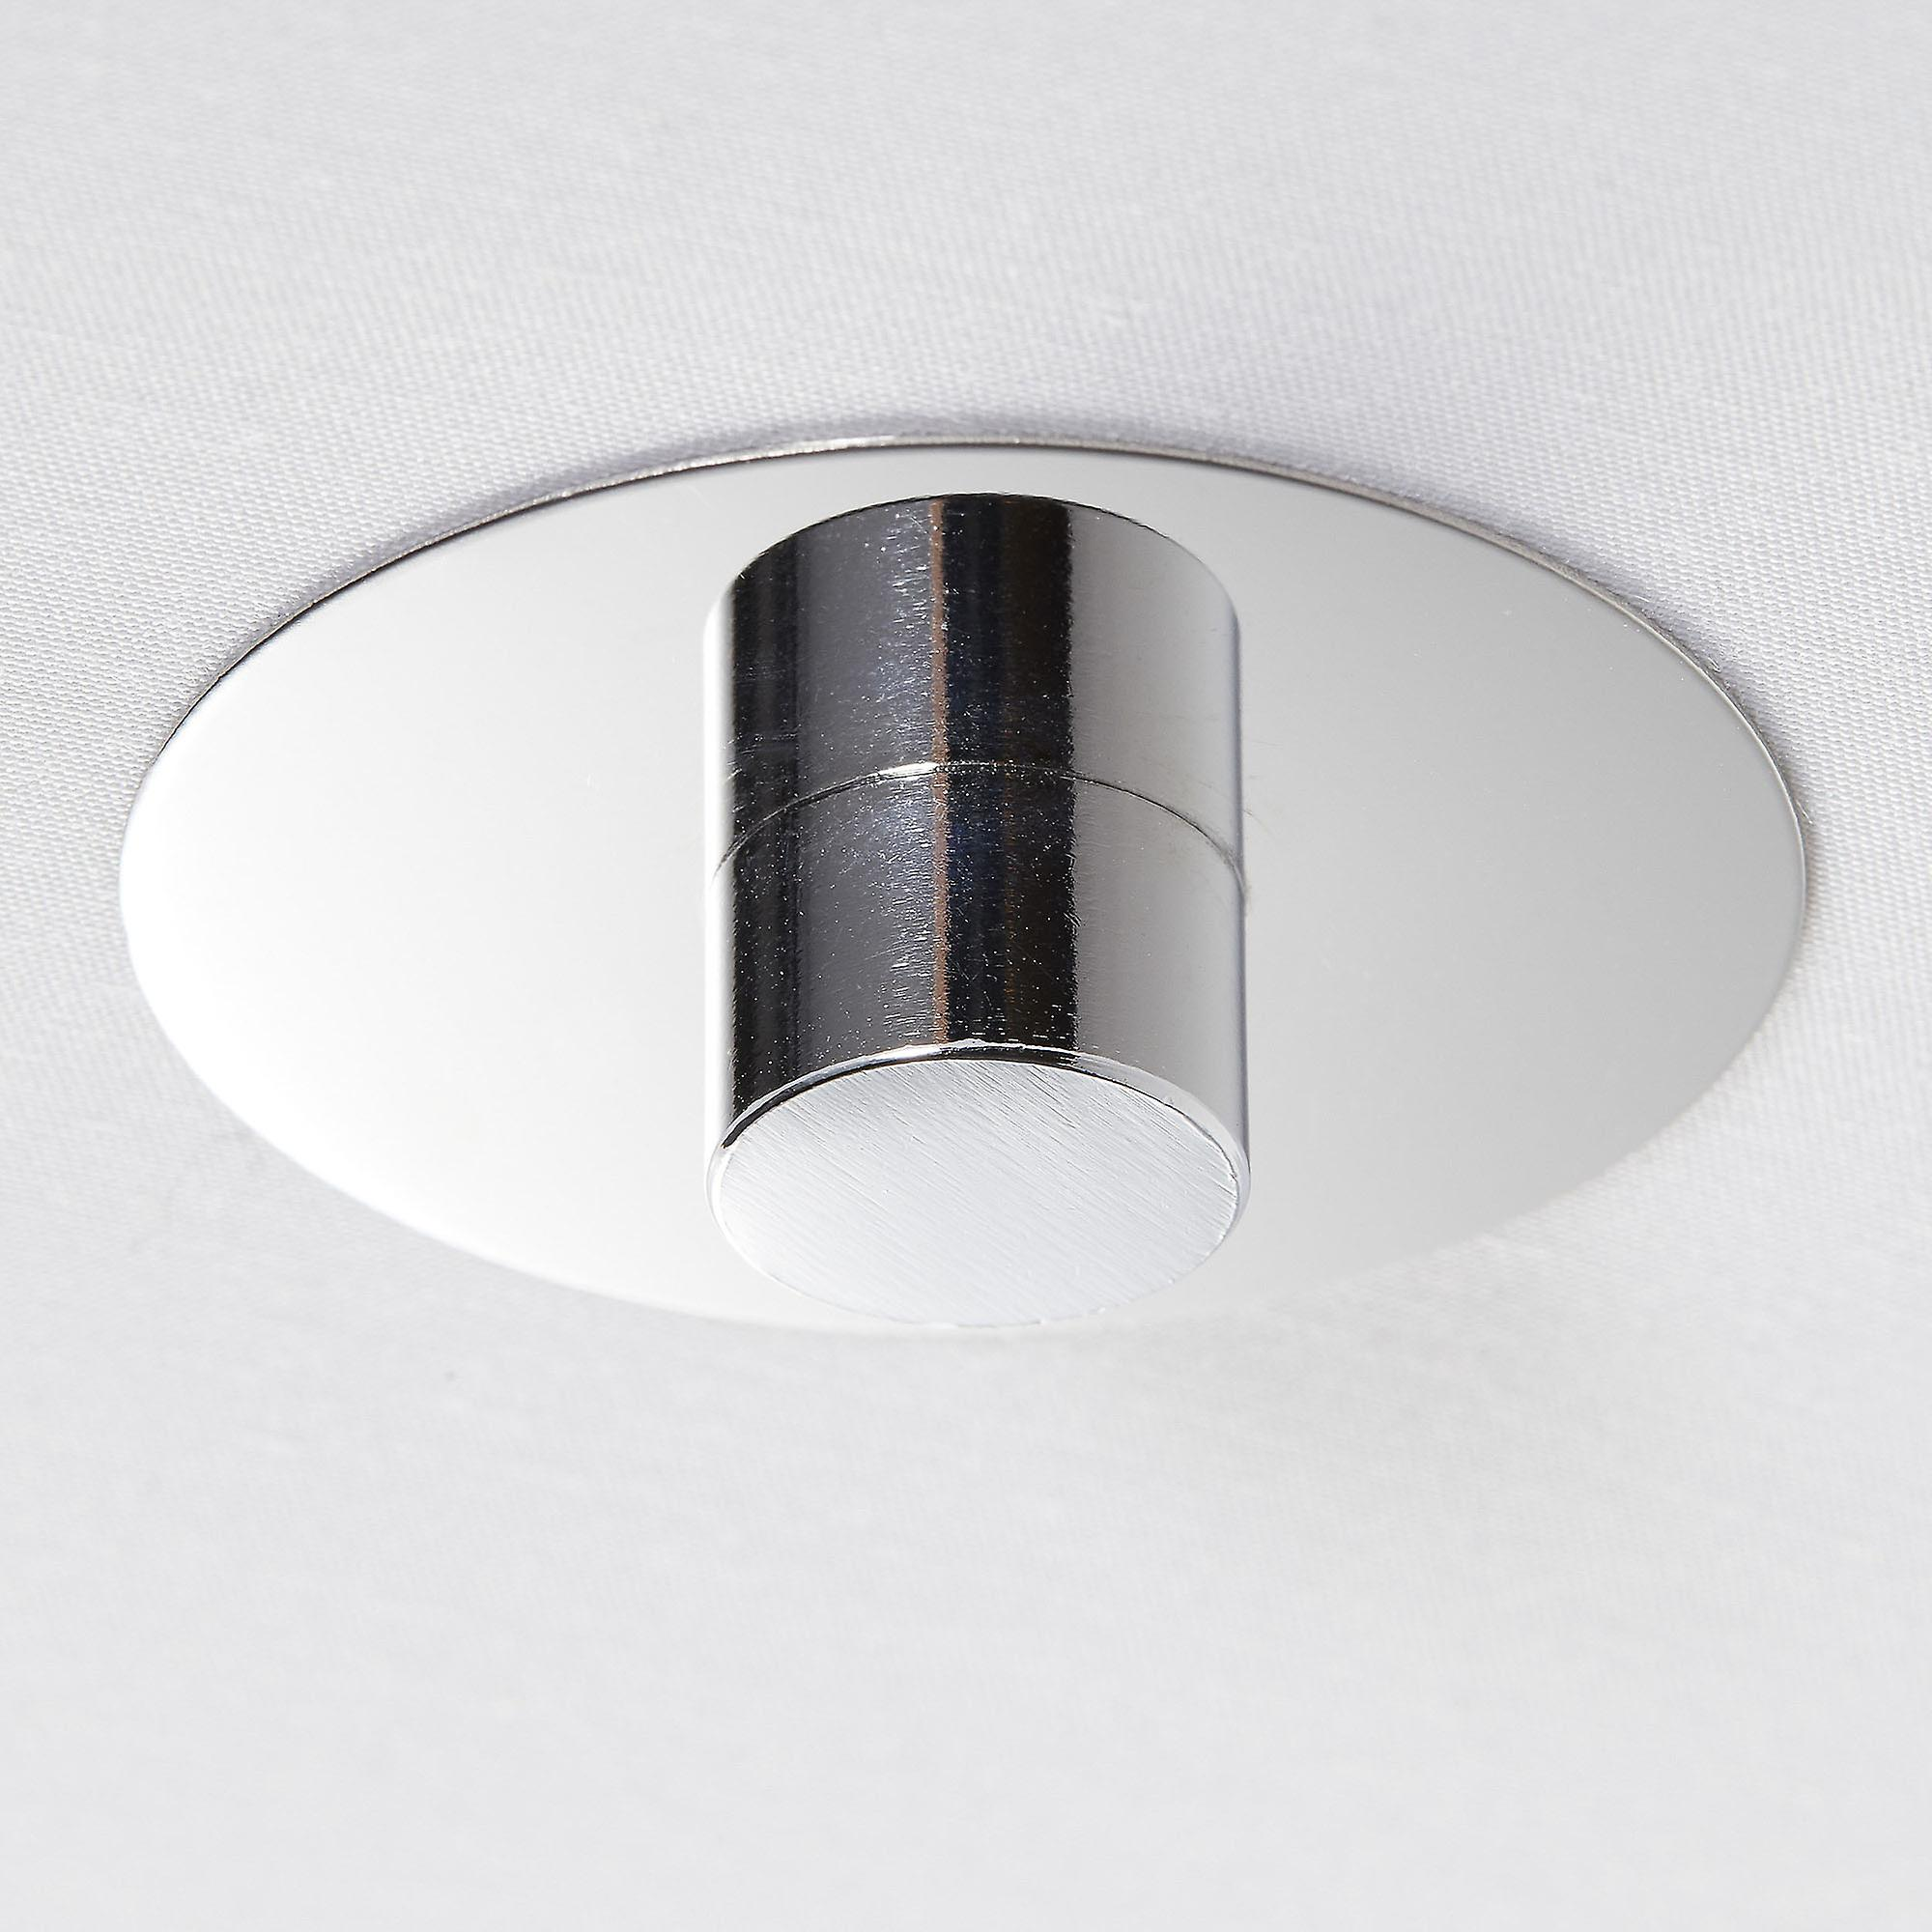 BRILLIANT ANDRIA Ceiling lamp 60cm white/chrome interior lights,ceiling lamps,-dekorat Iv